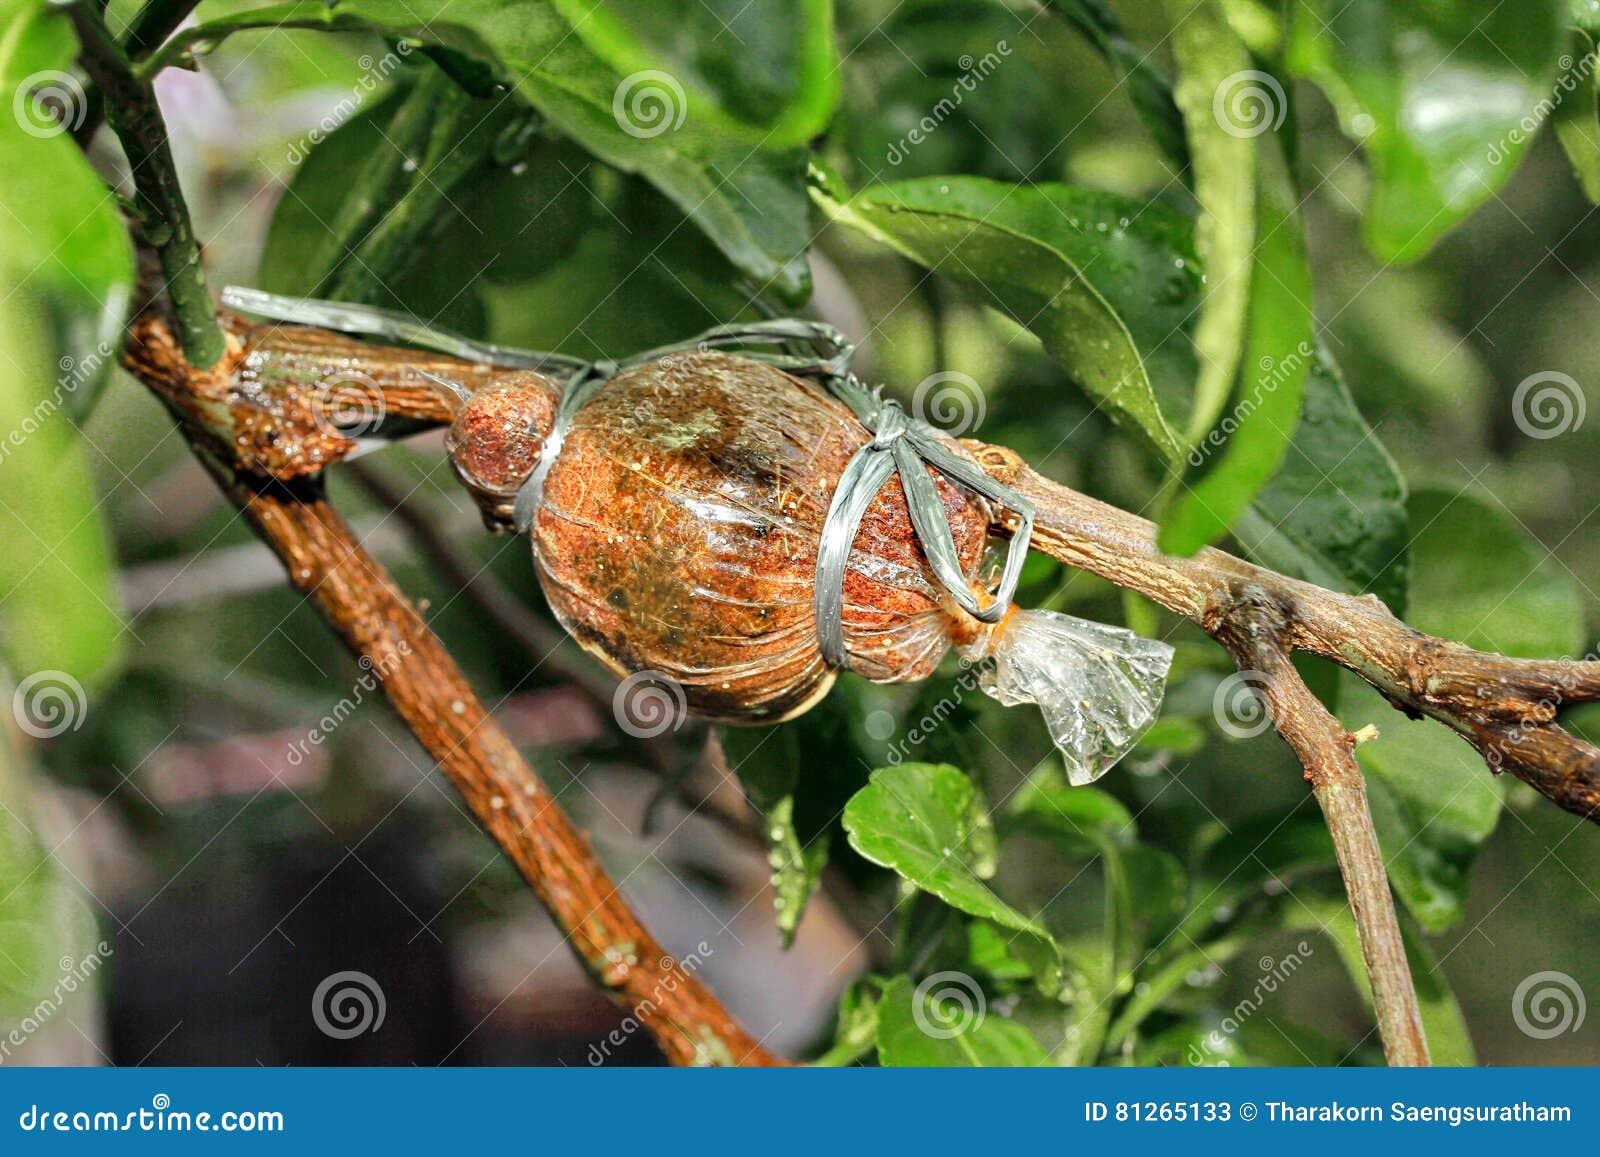 Der Kaffirkalk, der für Ausbreitung verpflanzt